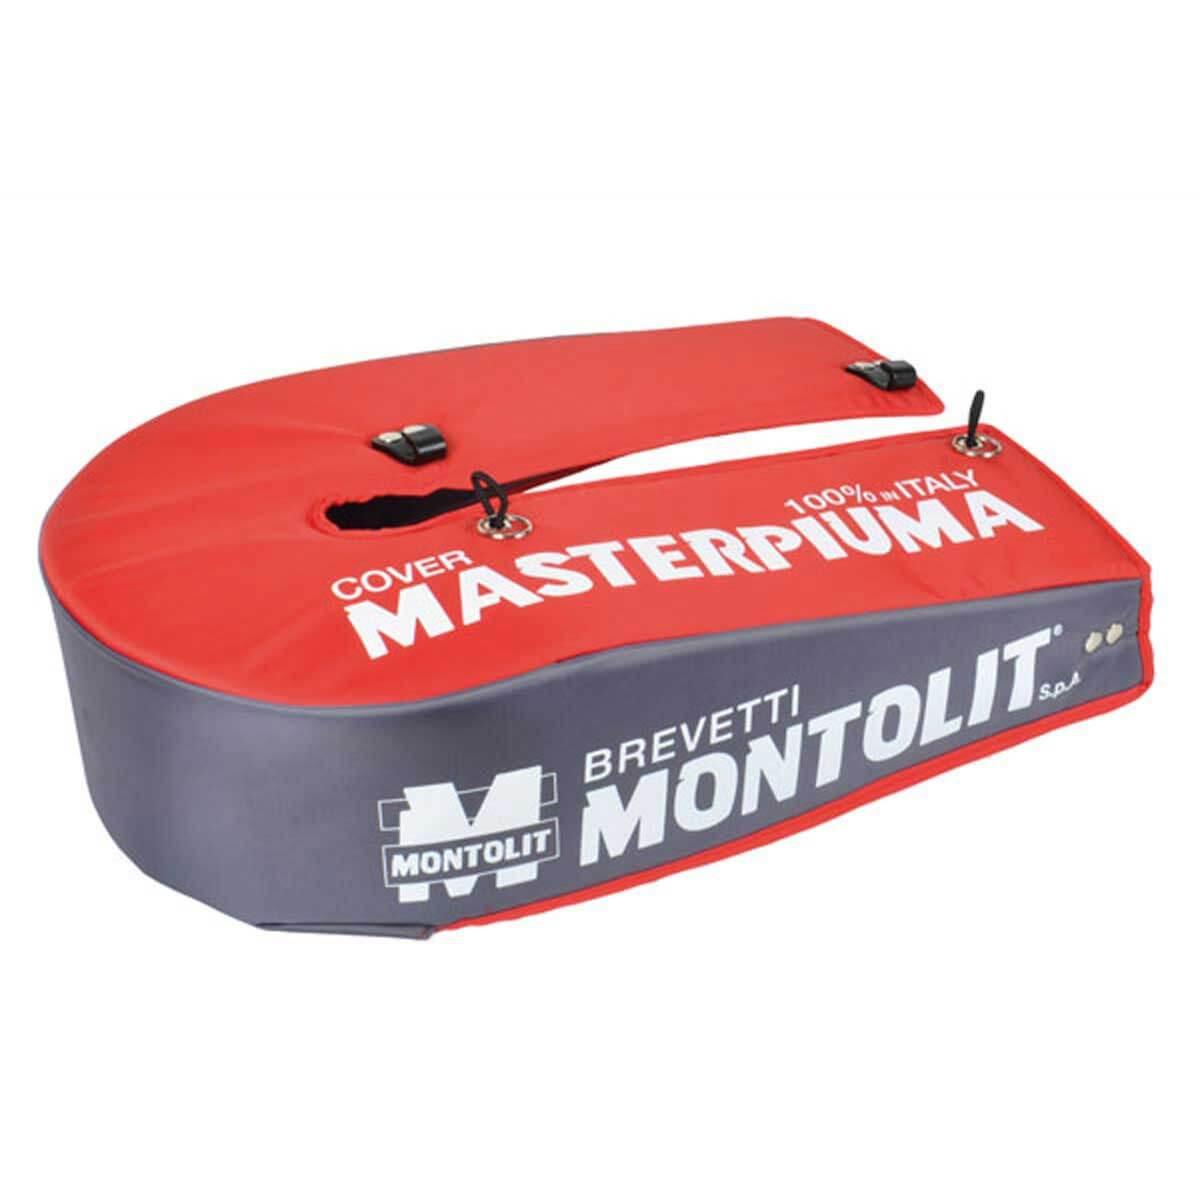 Masterpiuma Protective Cover